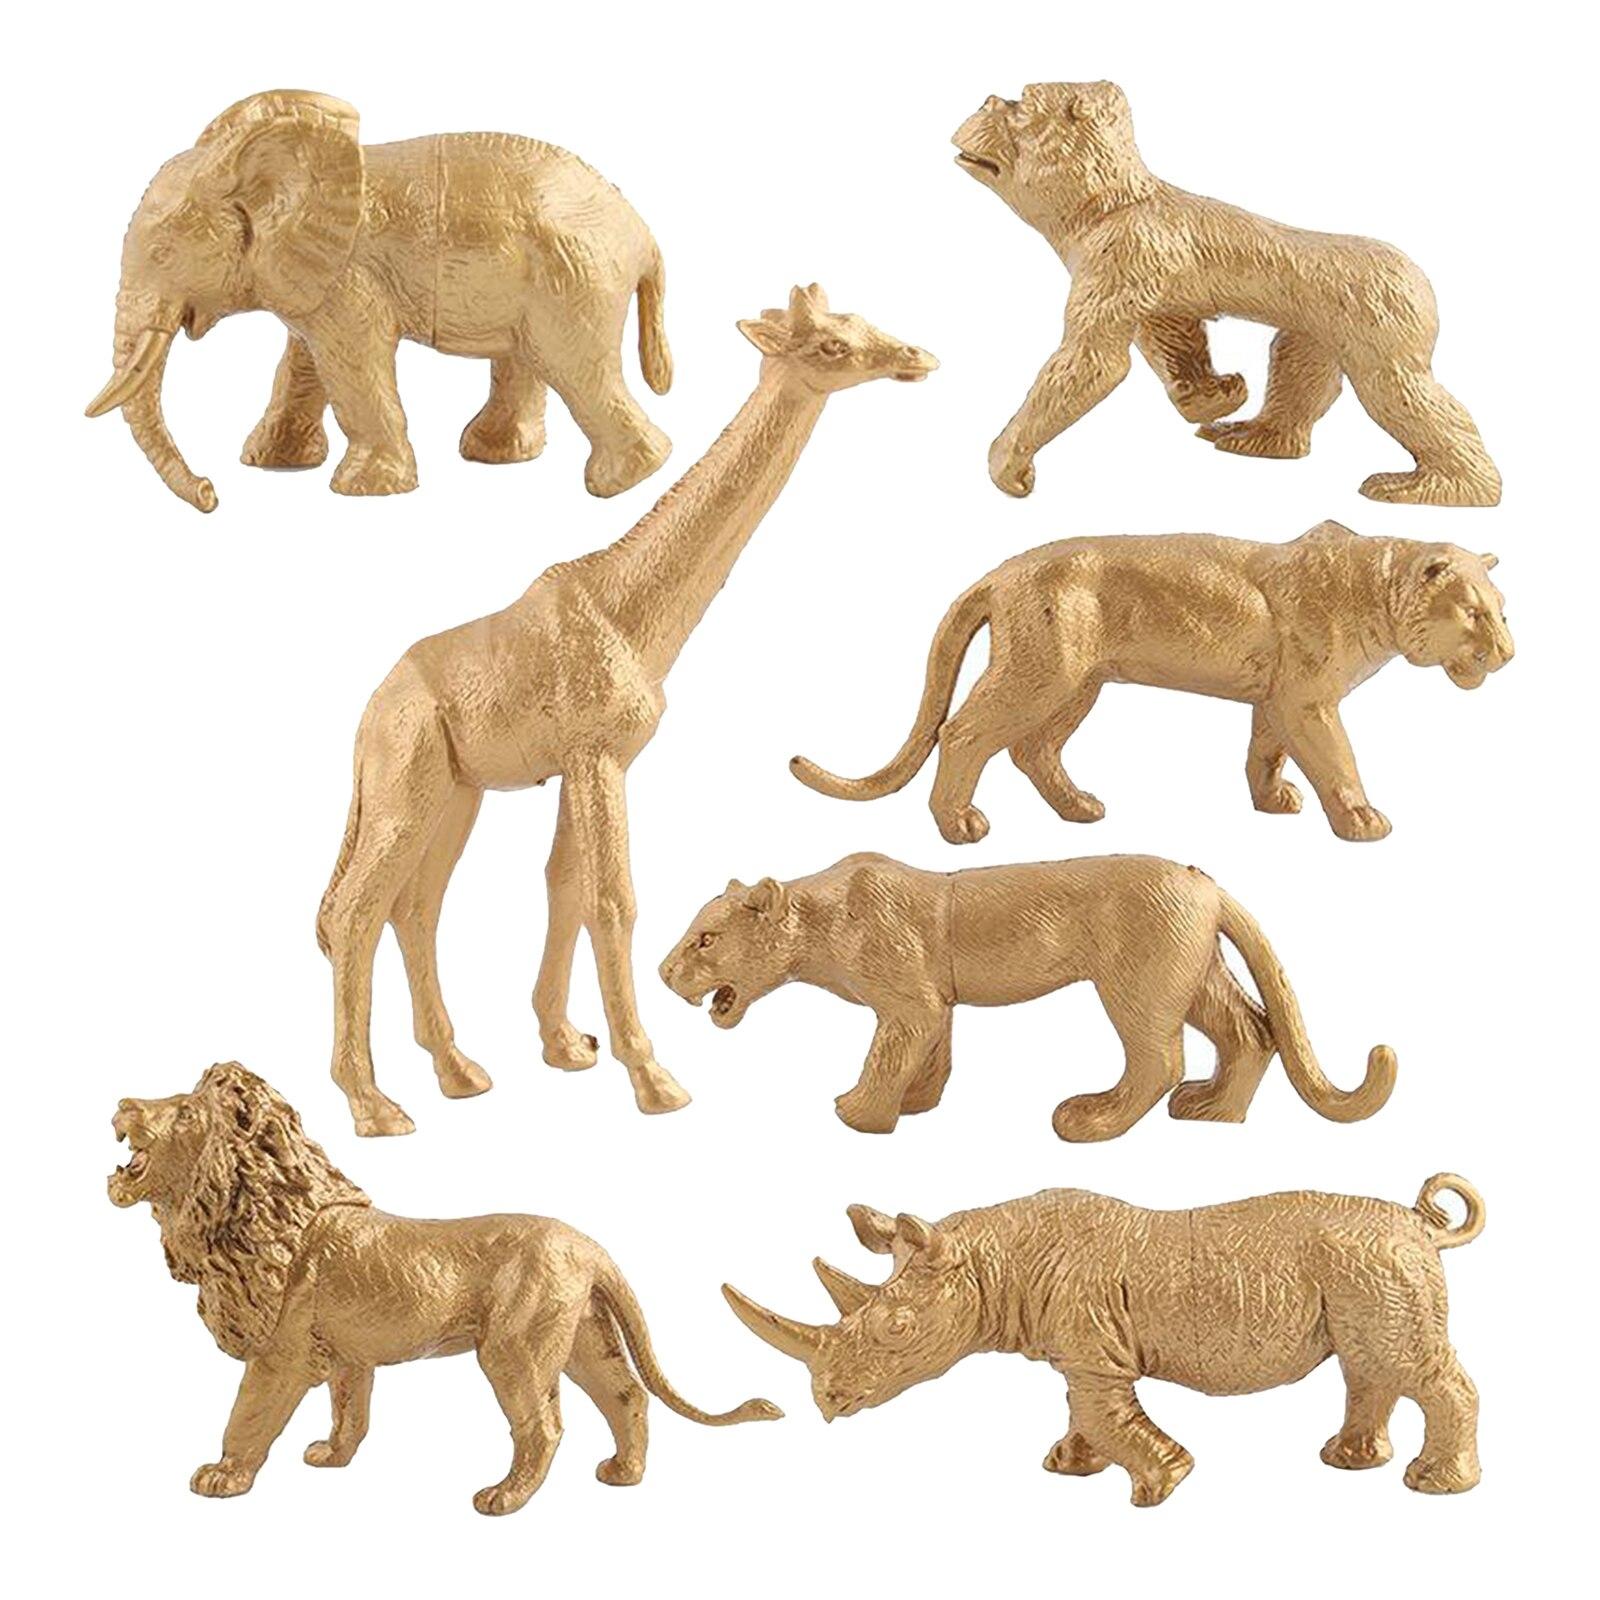 7 шт. Пластик моделирование дикий фигурки животных модель образовательной познание игрушка, вечерние свадебные сувениры для детей